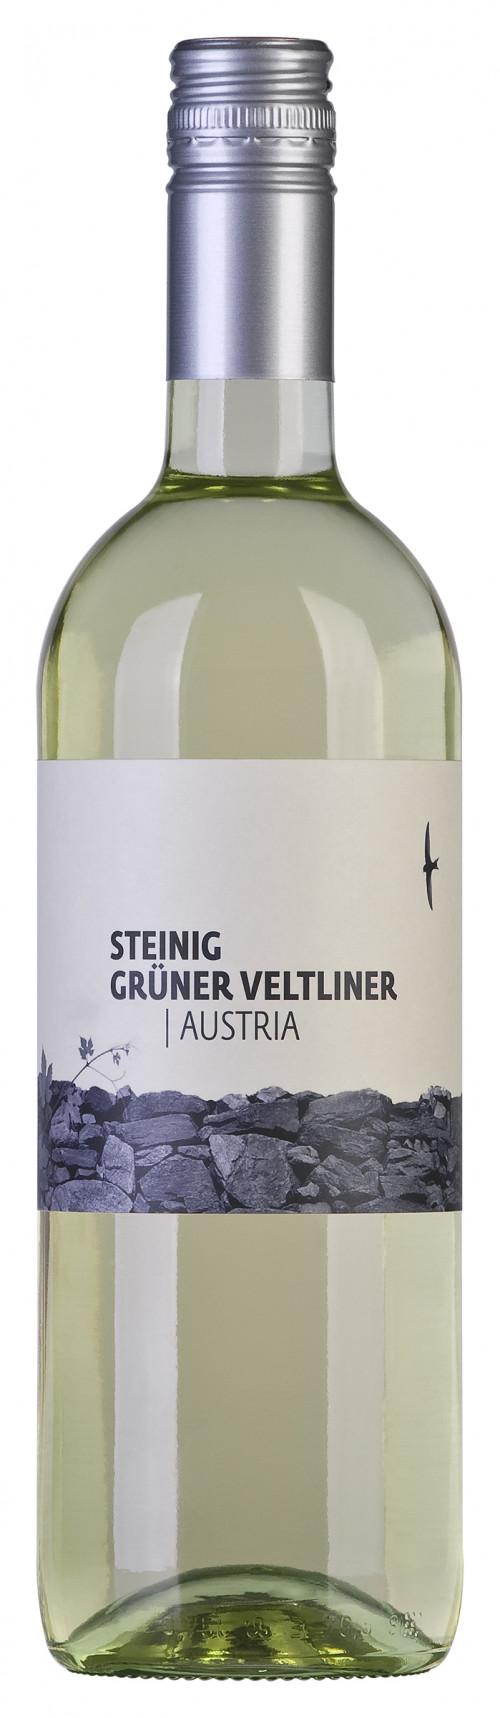 2019 Steinig Gruner Veltliner 750ml